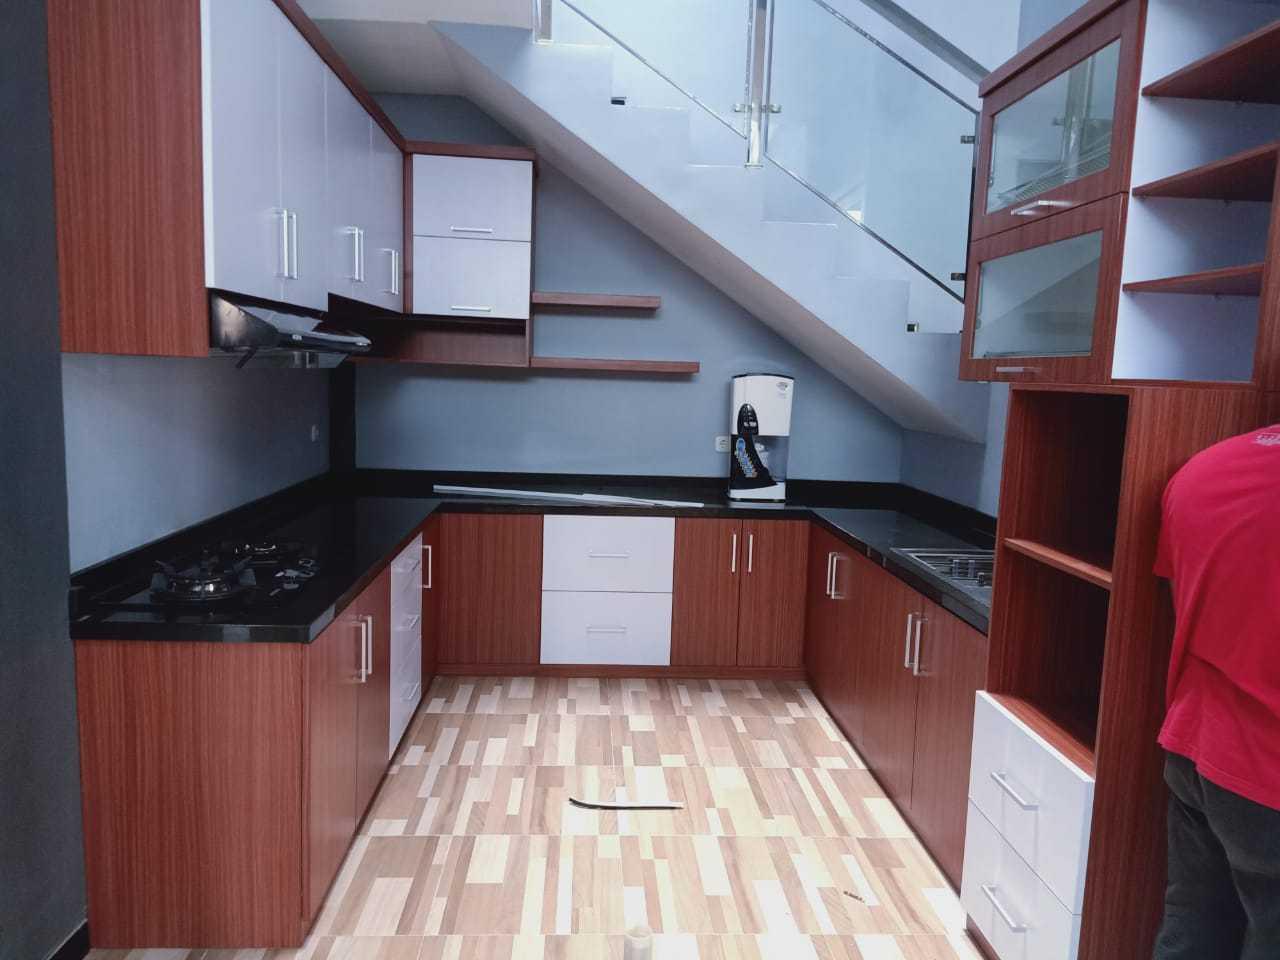 Metom Design Rumah Ibu Dian Y Malang, Kota Malang, Jawa Timur, Indonesia Malang, Kota Malang, Jawa Timur, Indonesia Metom-Design-Interior-Ibu-Dian-Y   98948